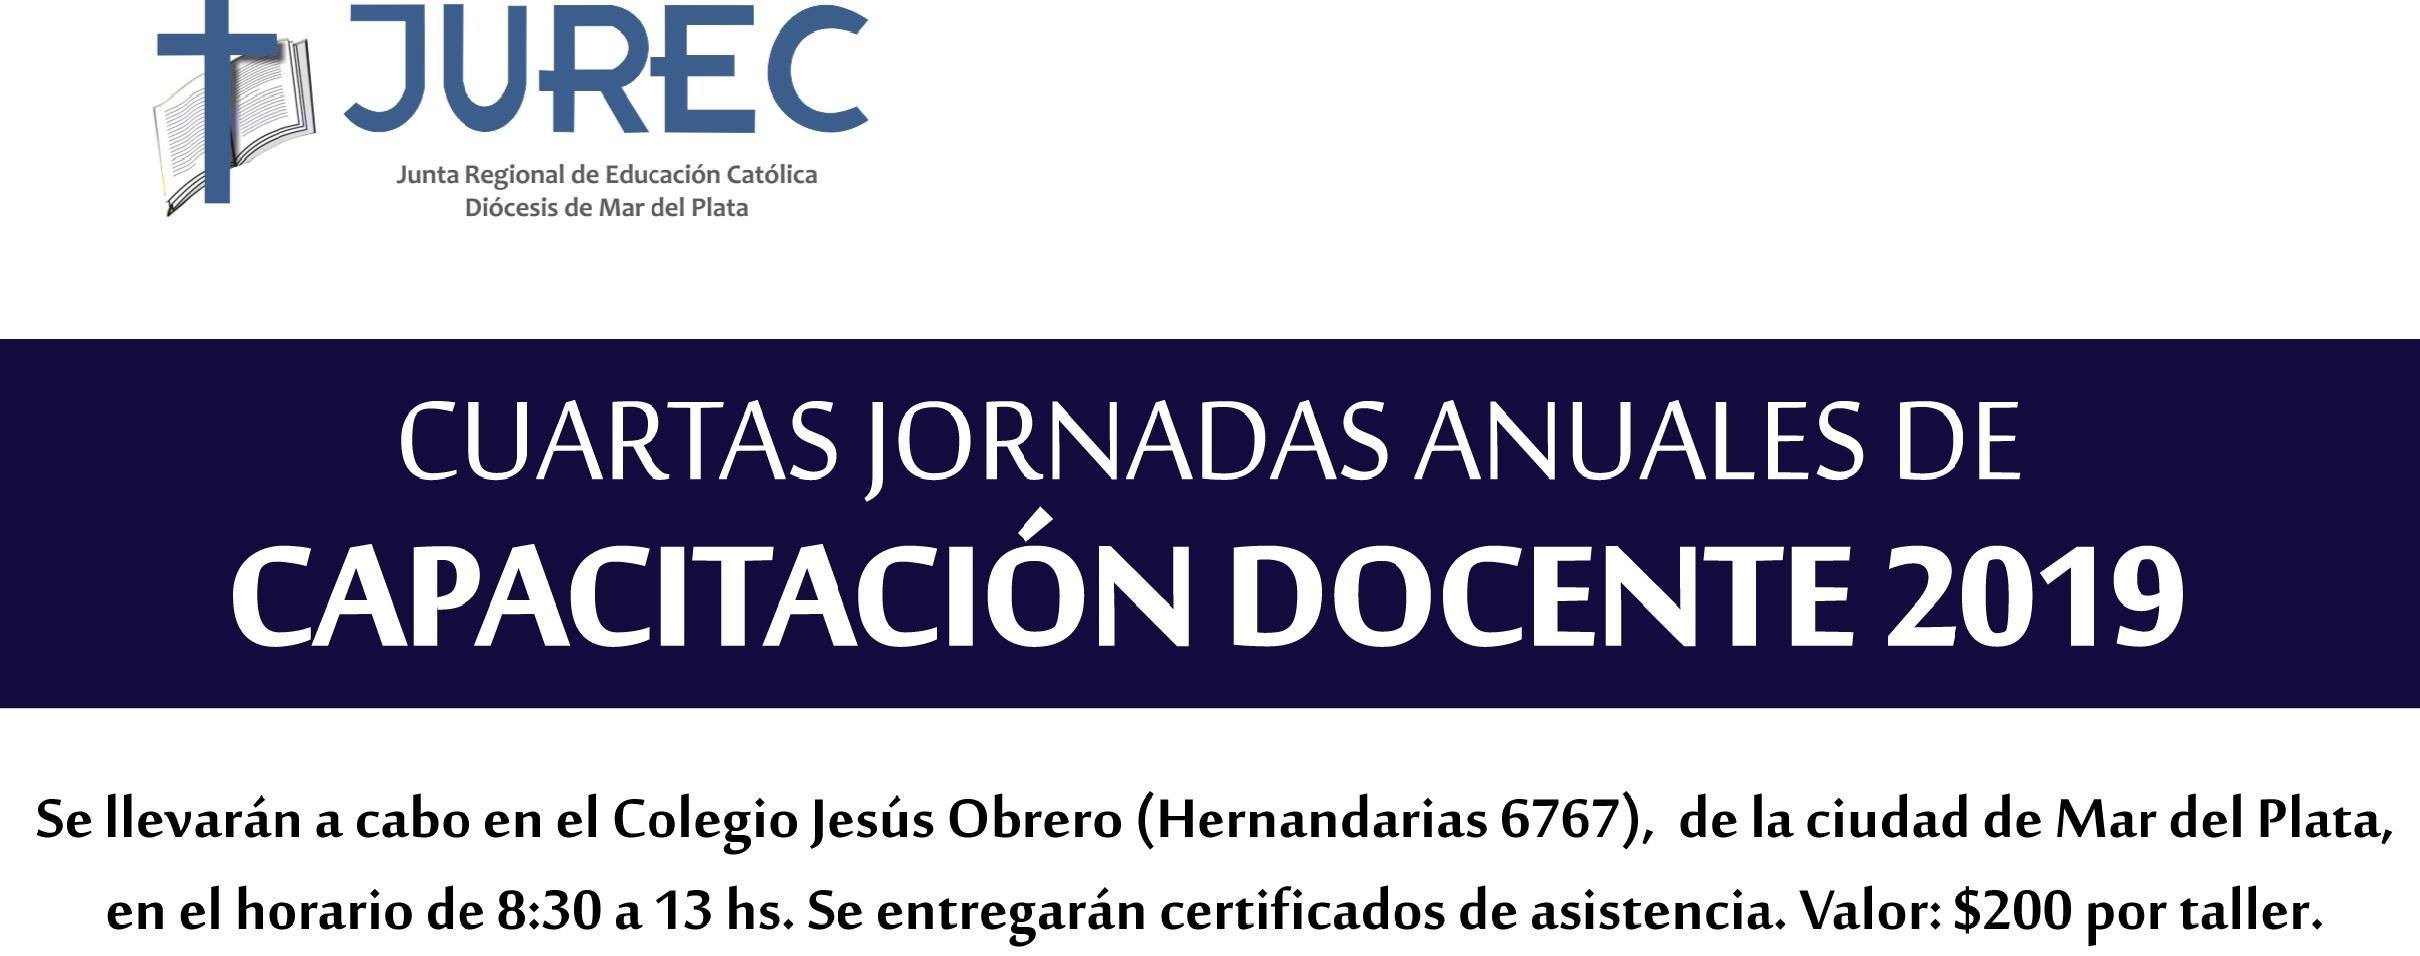 CUARTAS JORNADAS ANUALES DE CAPACITACIÓN DOCENTE 2019 – ORGANIZA JUREC